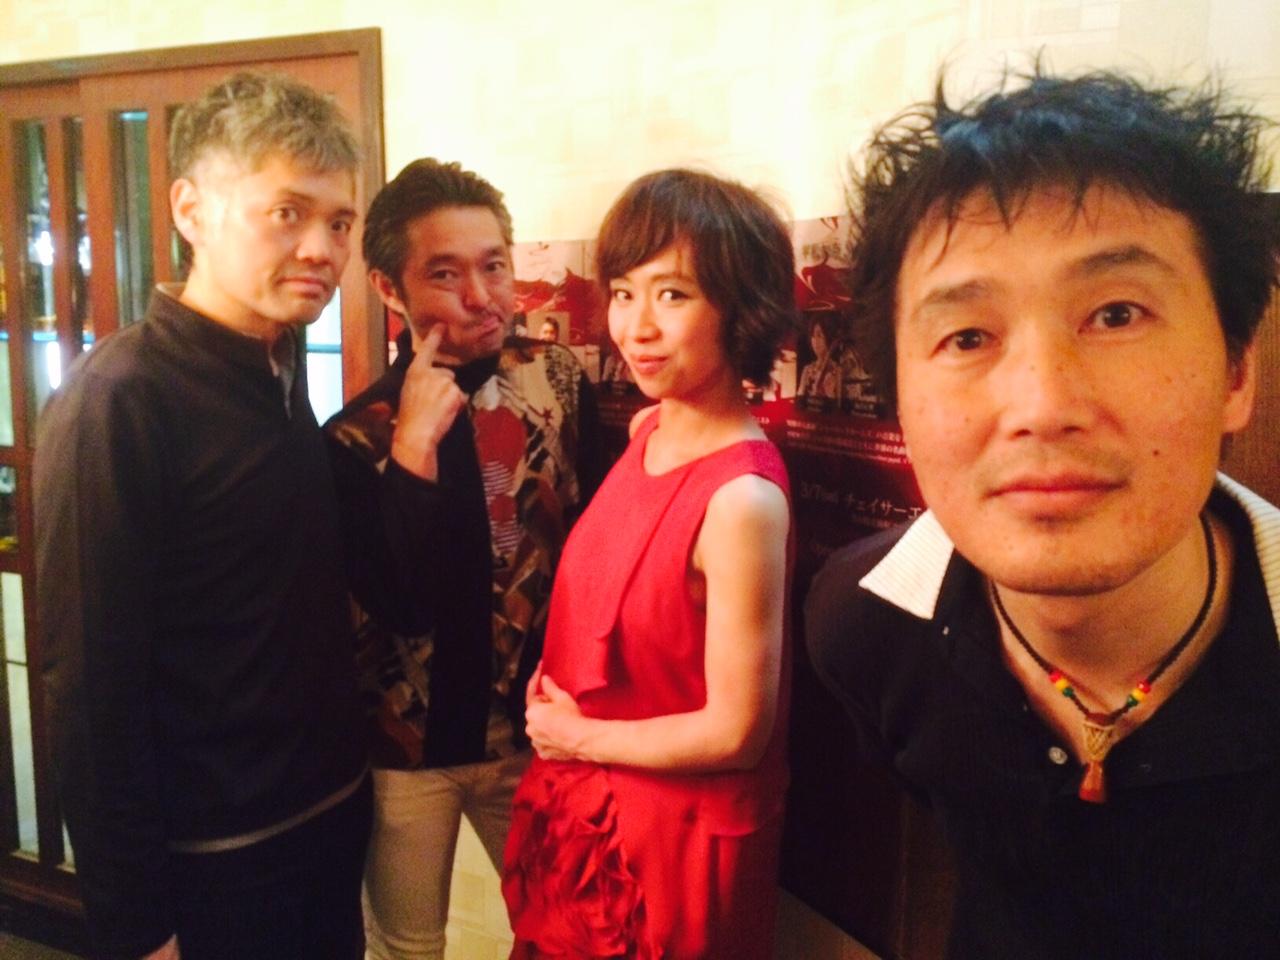 平松加奈 Special Project tour2015@苫小牧チェイサーエル_b0131865_1265155.jpg